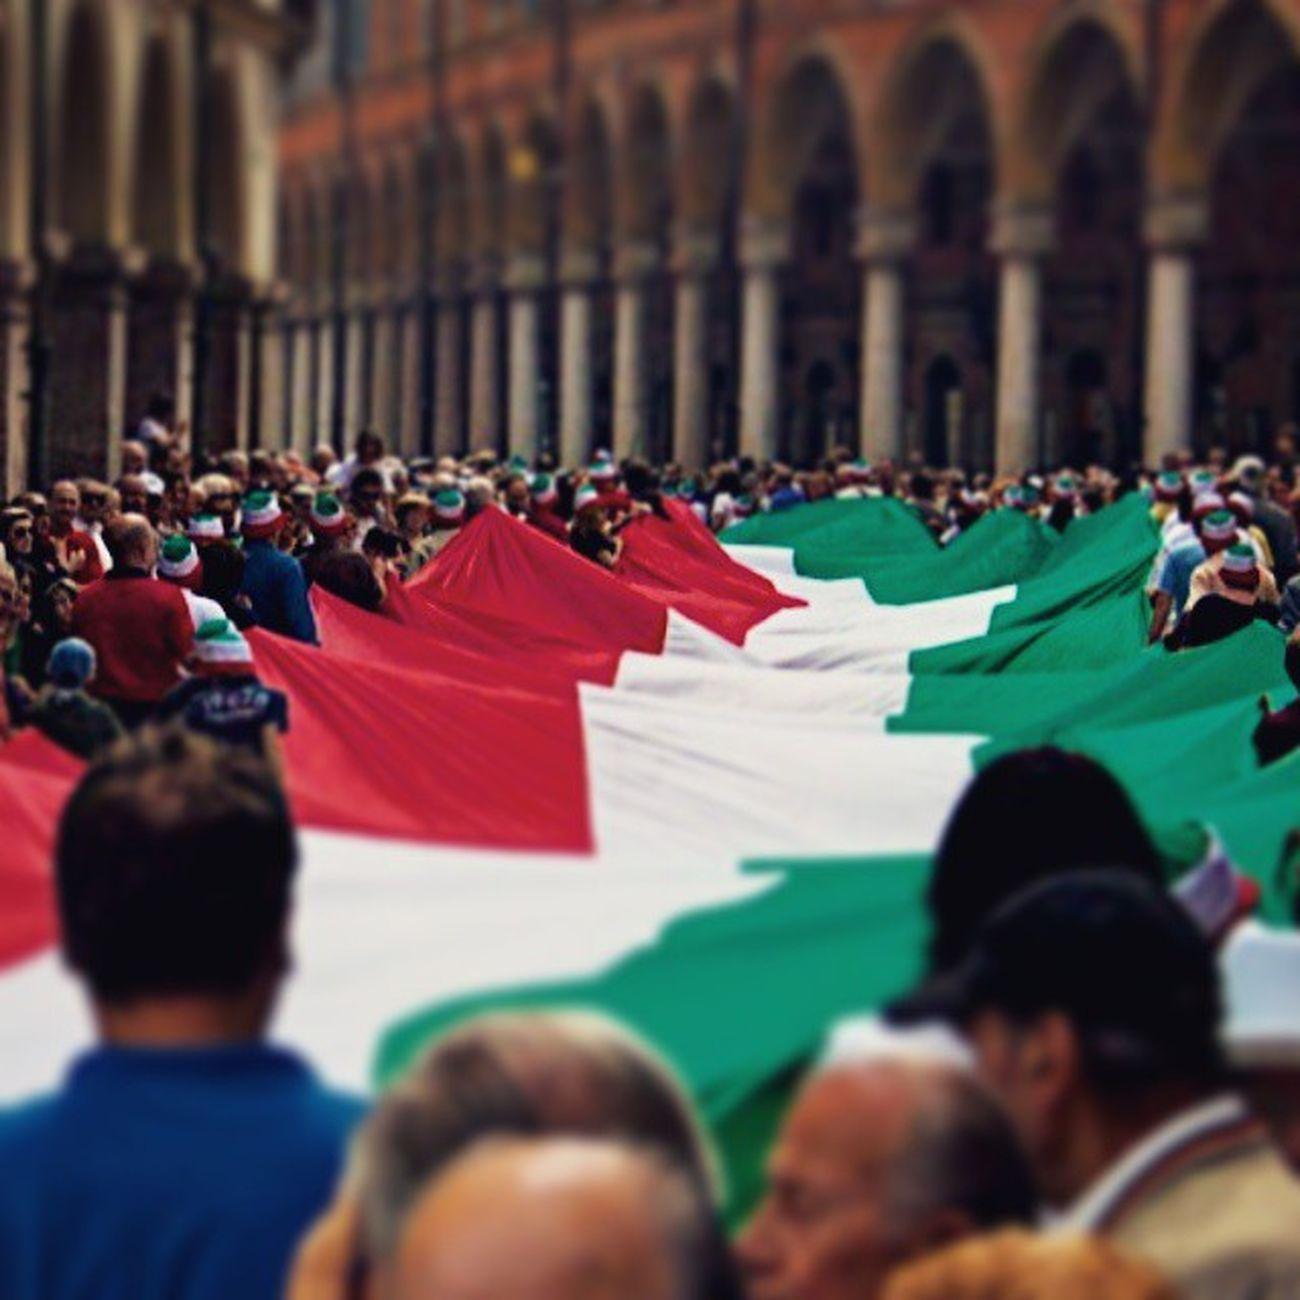 2giugno Festadellarepubblica buon compleanno Repubblica Italiana Ig_modena Igersmodena